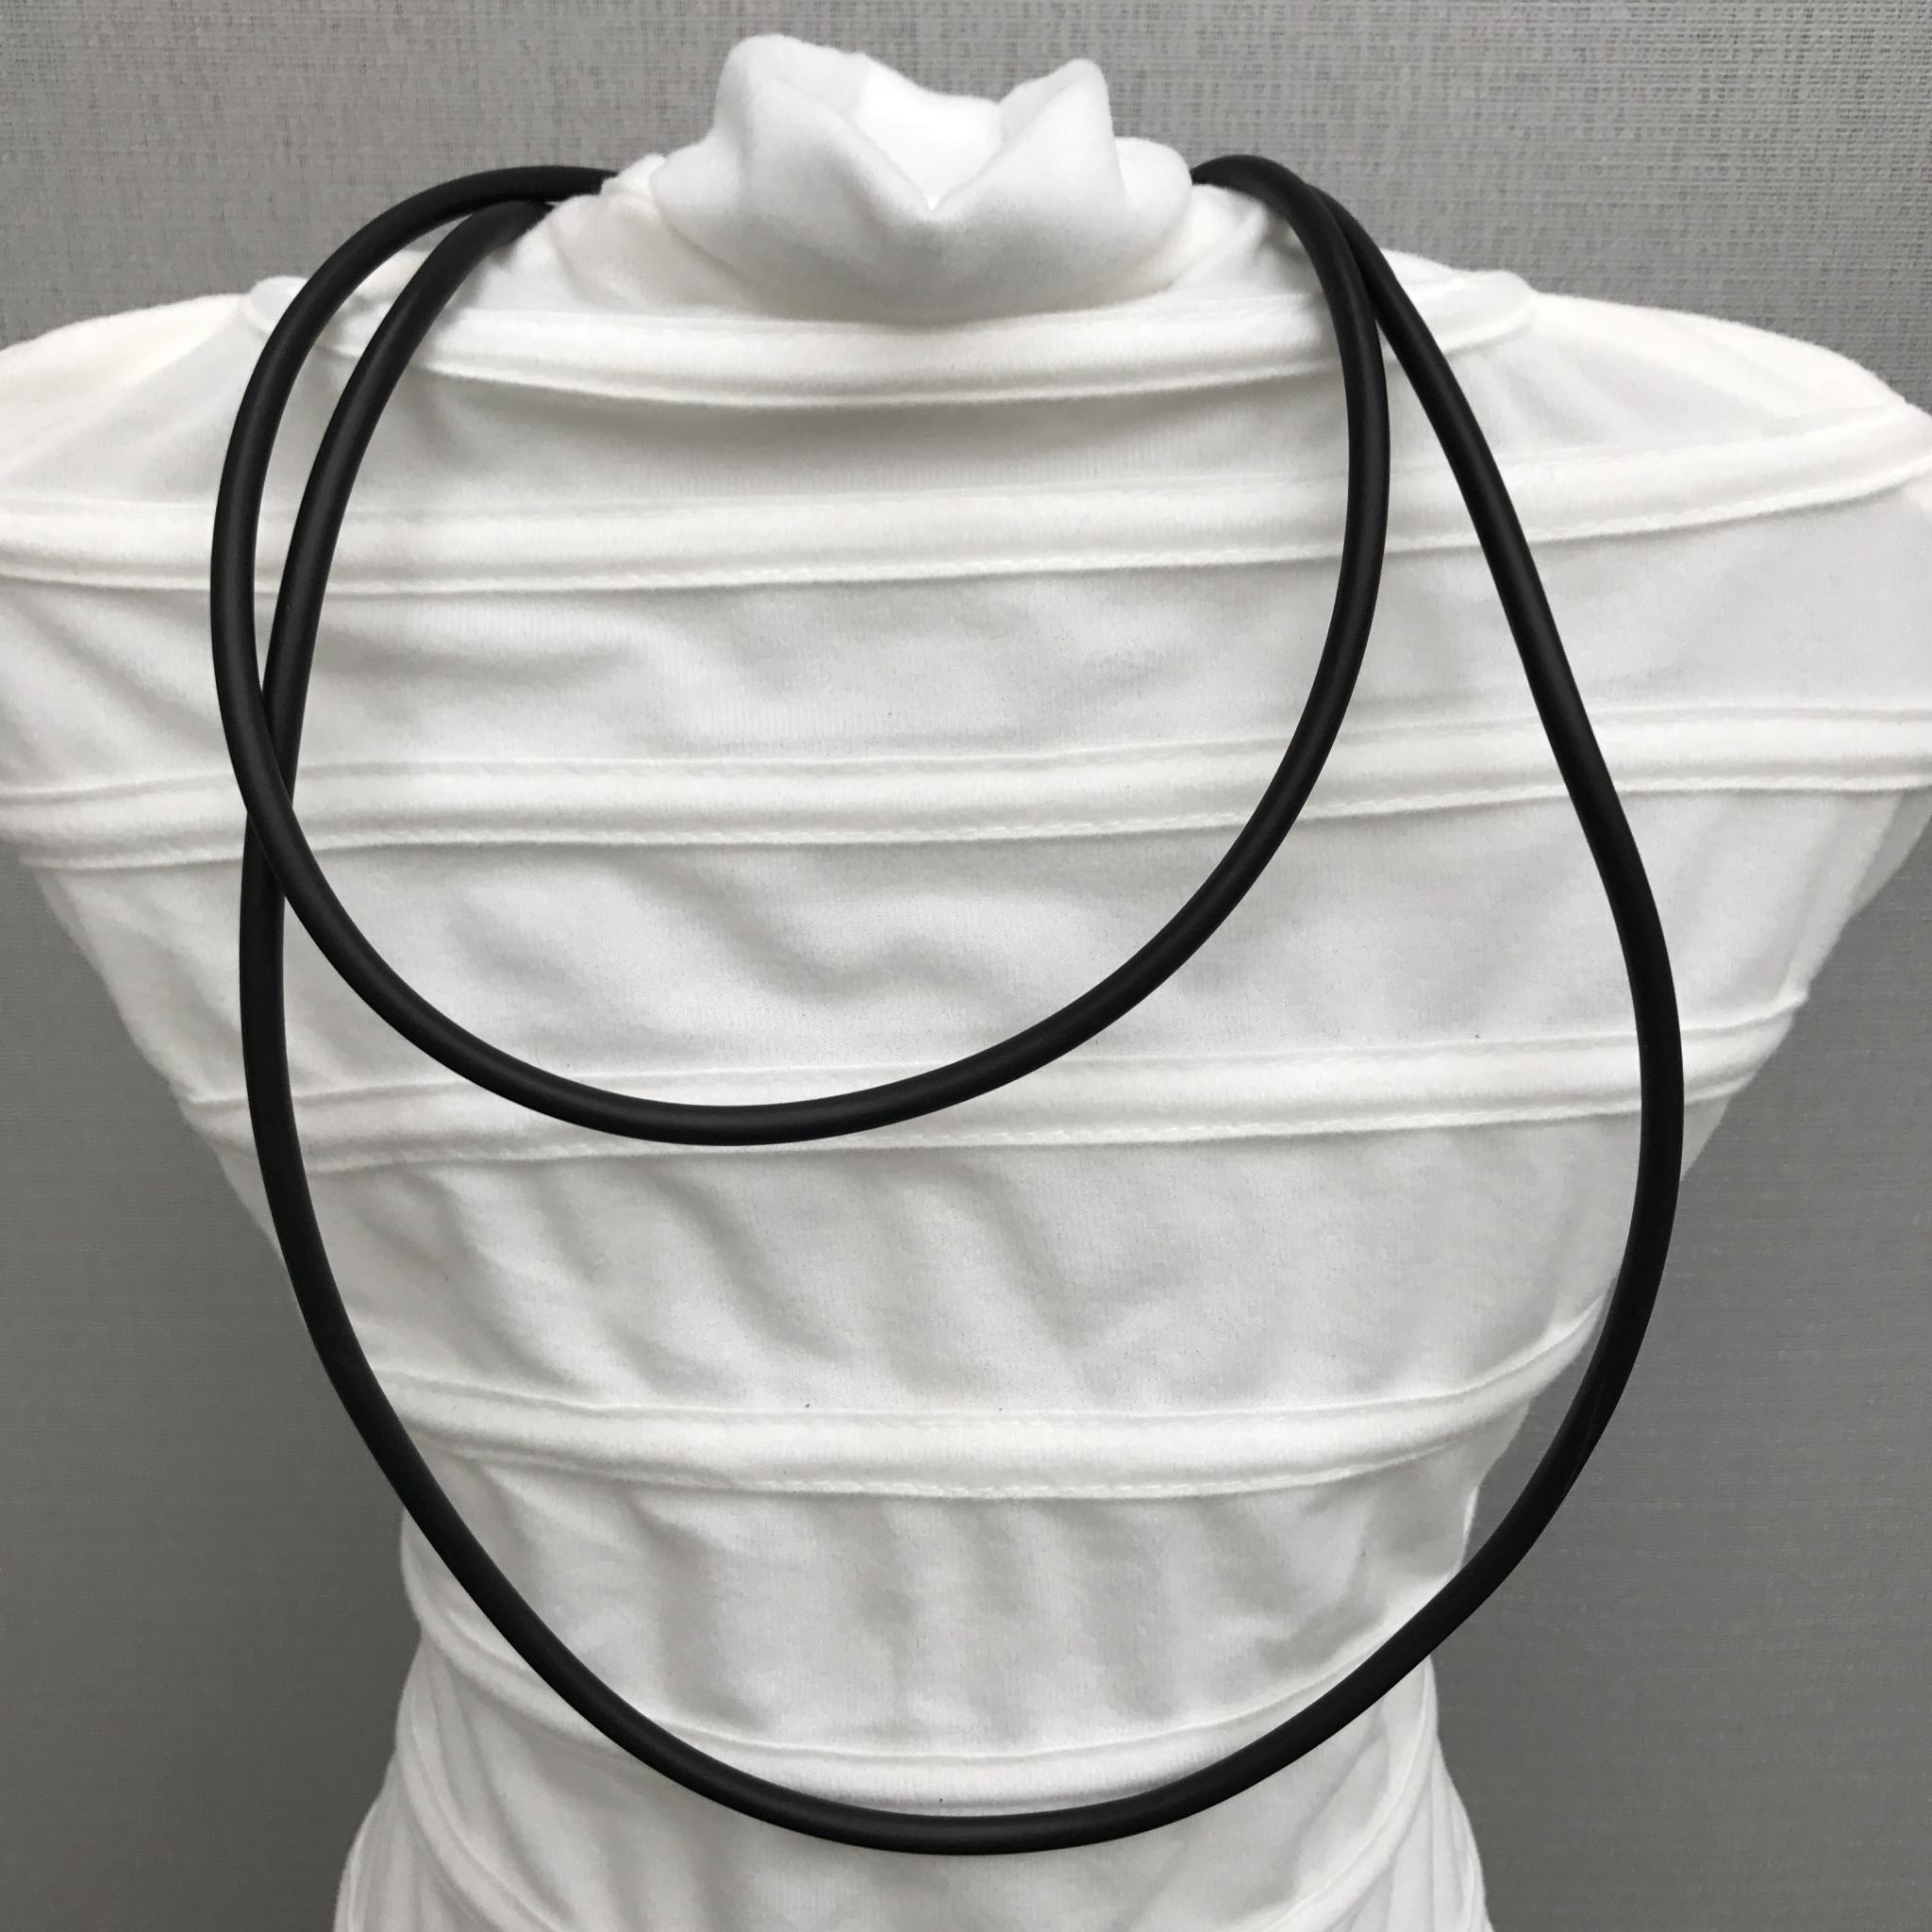 Anhänger länglich silber mit Blattmetall - beidseitig tragbar - Rückseite mit weißer Perle